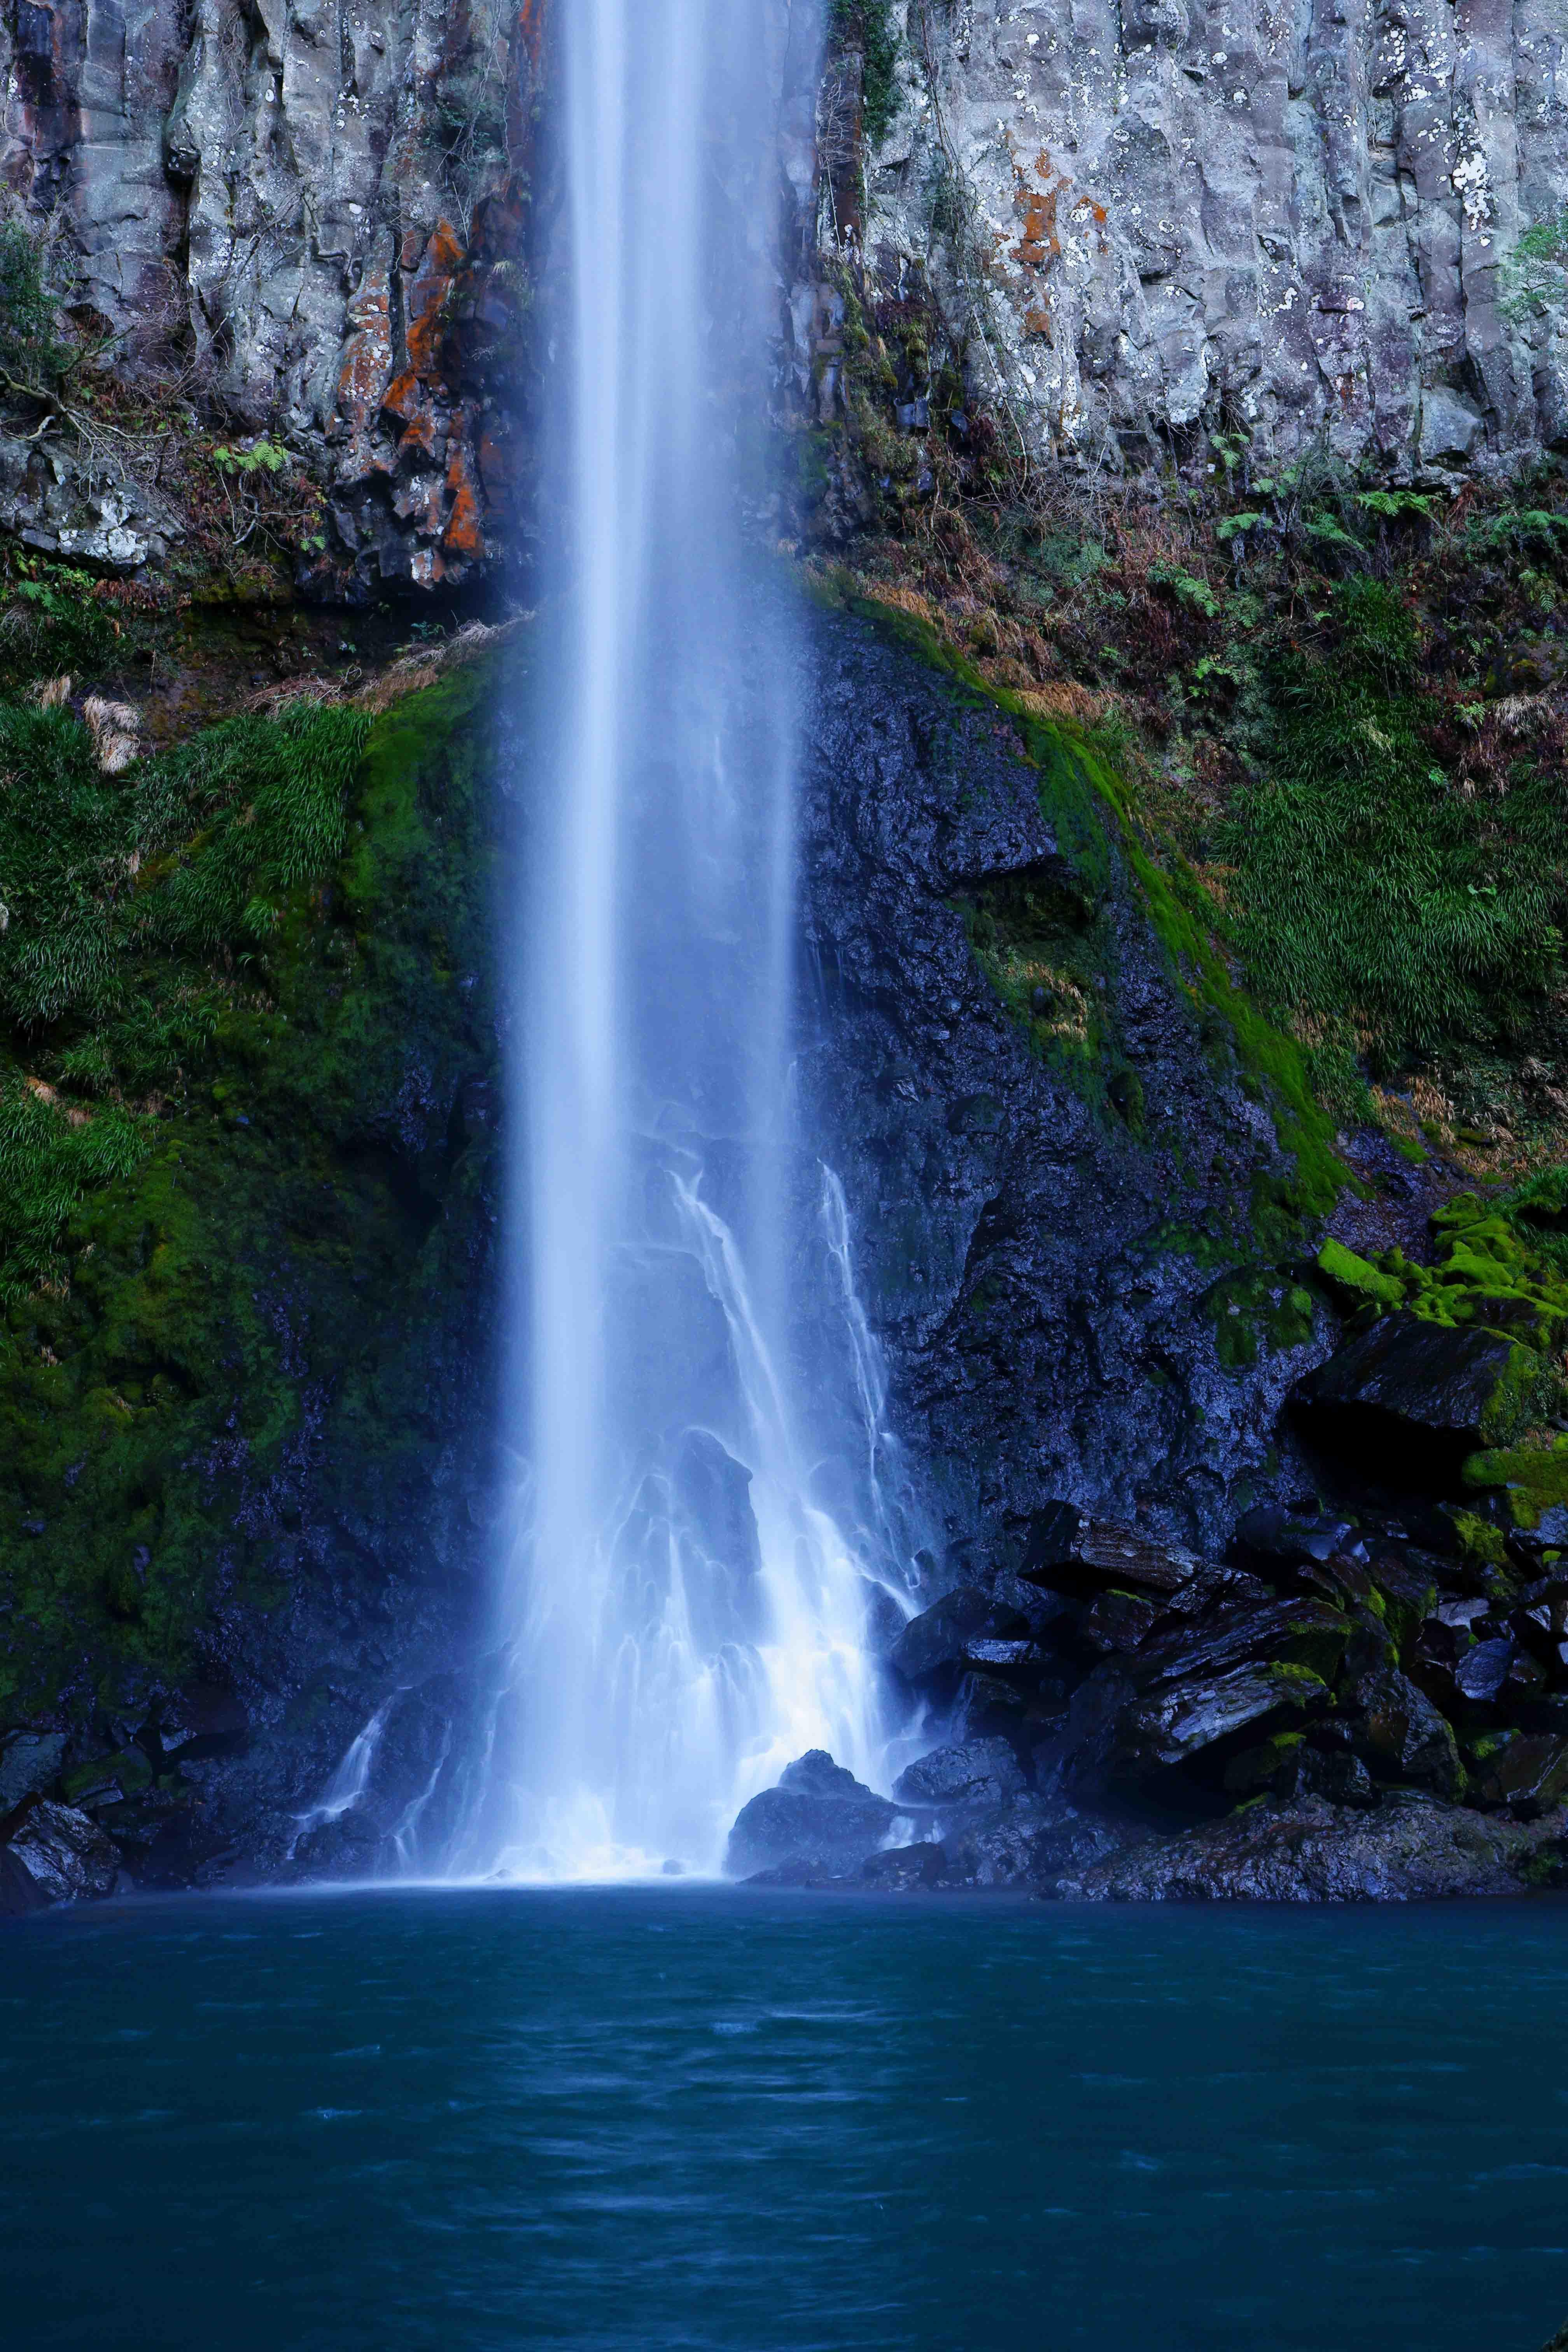 東椎屋の滝を訪ねて:「じぃんず...